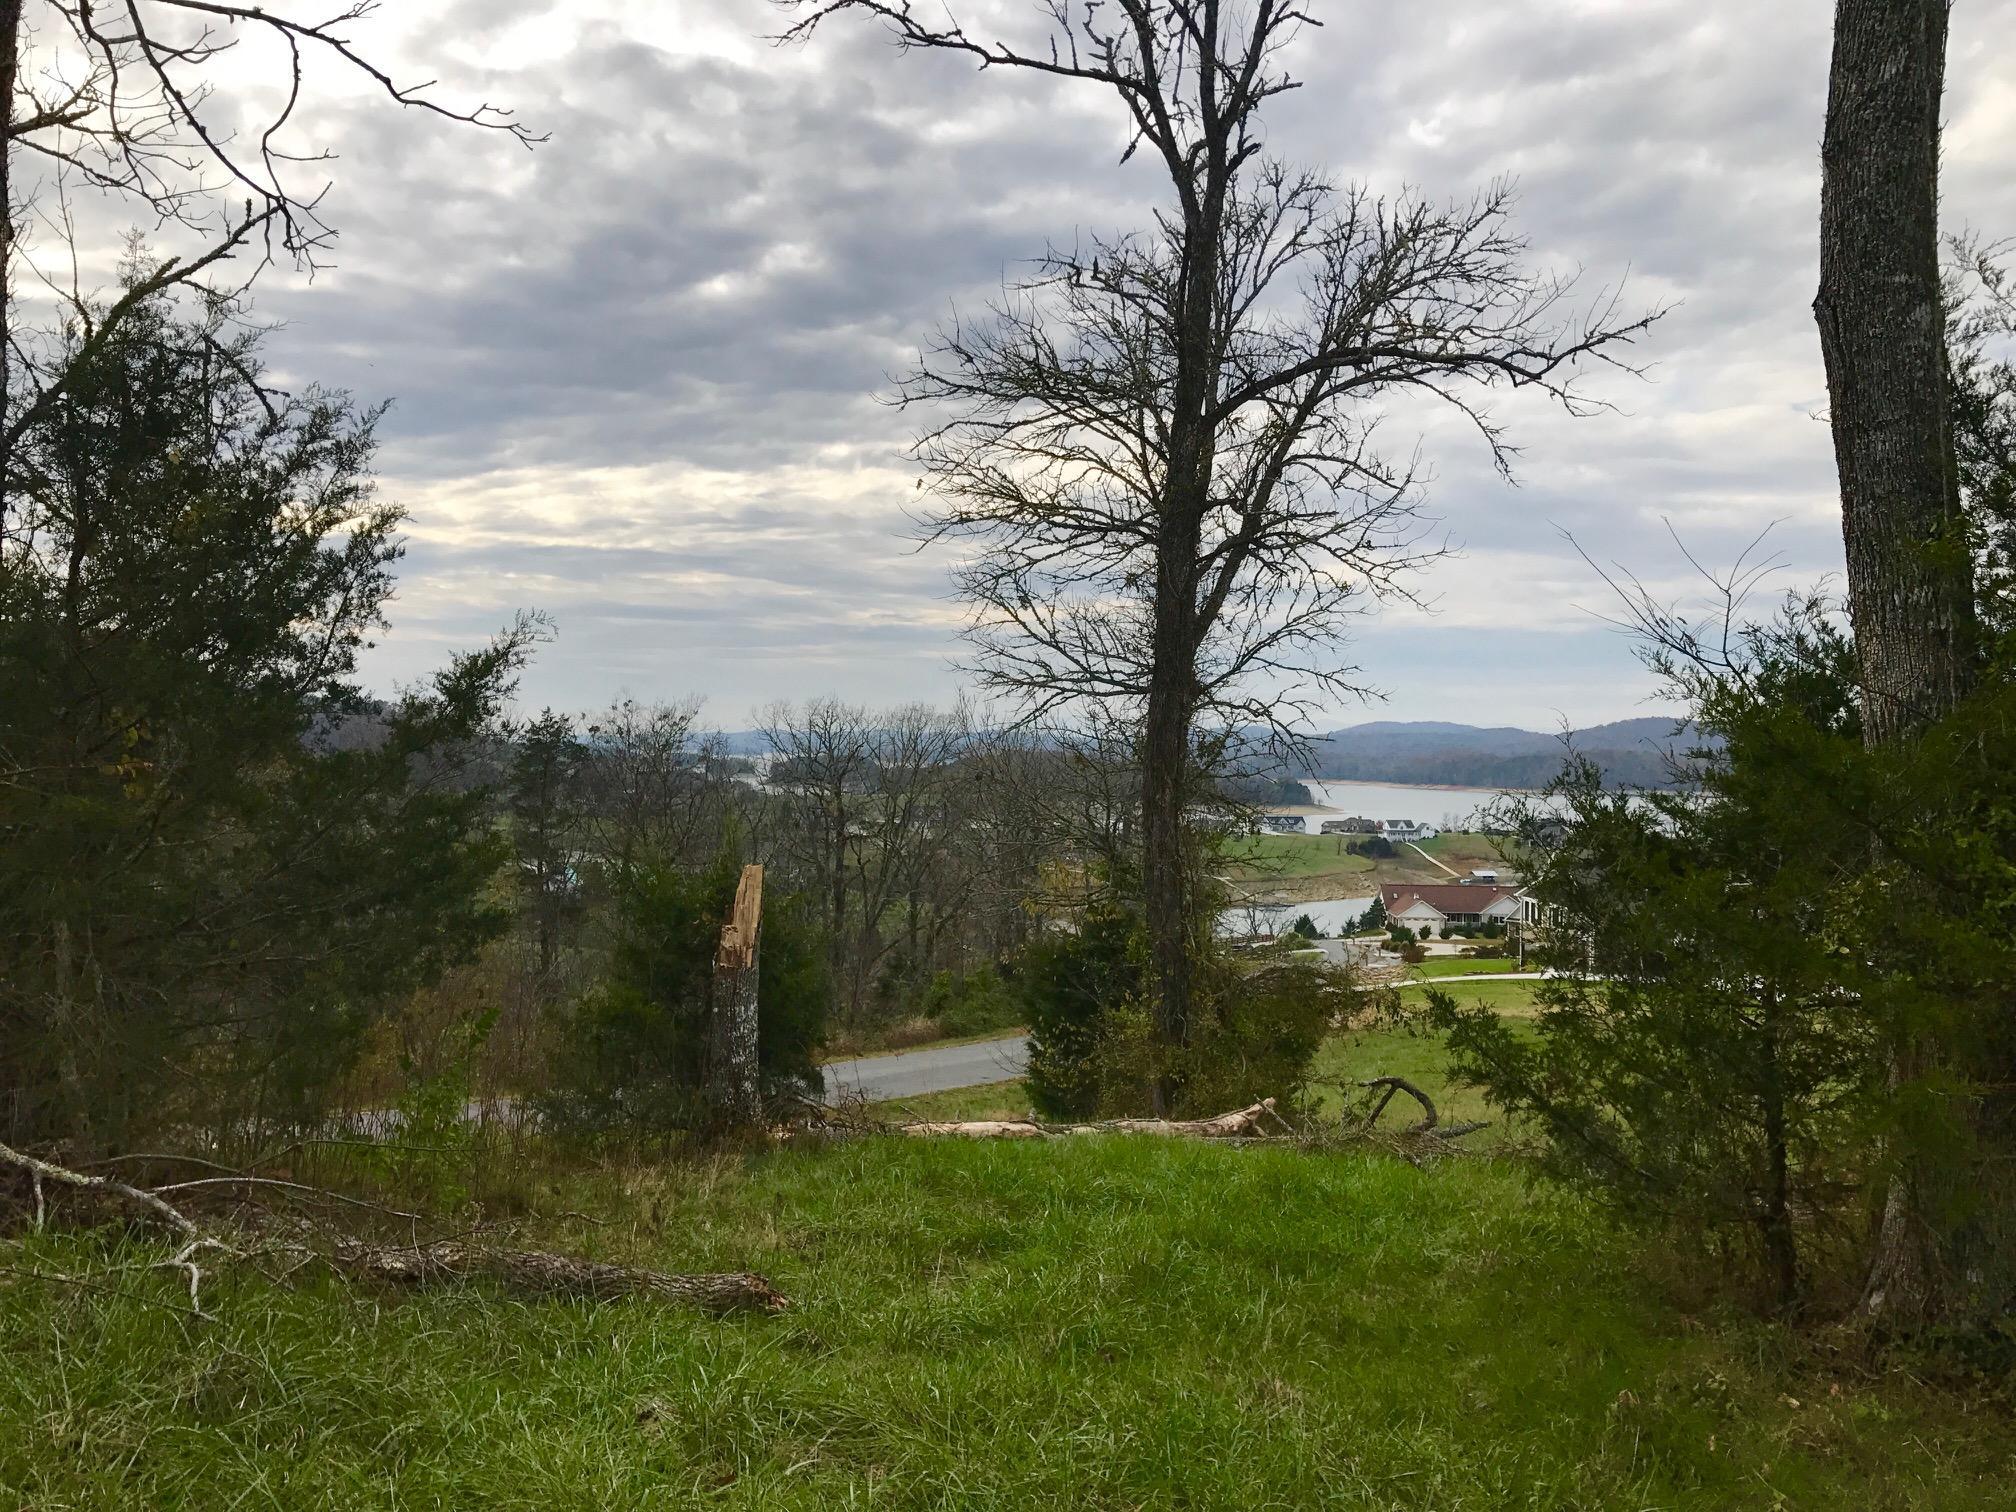 Lot 335a Larayne Hollow Rd: